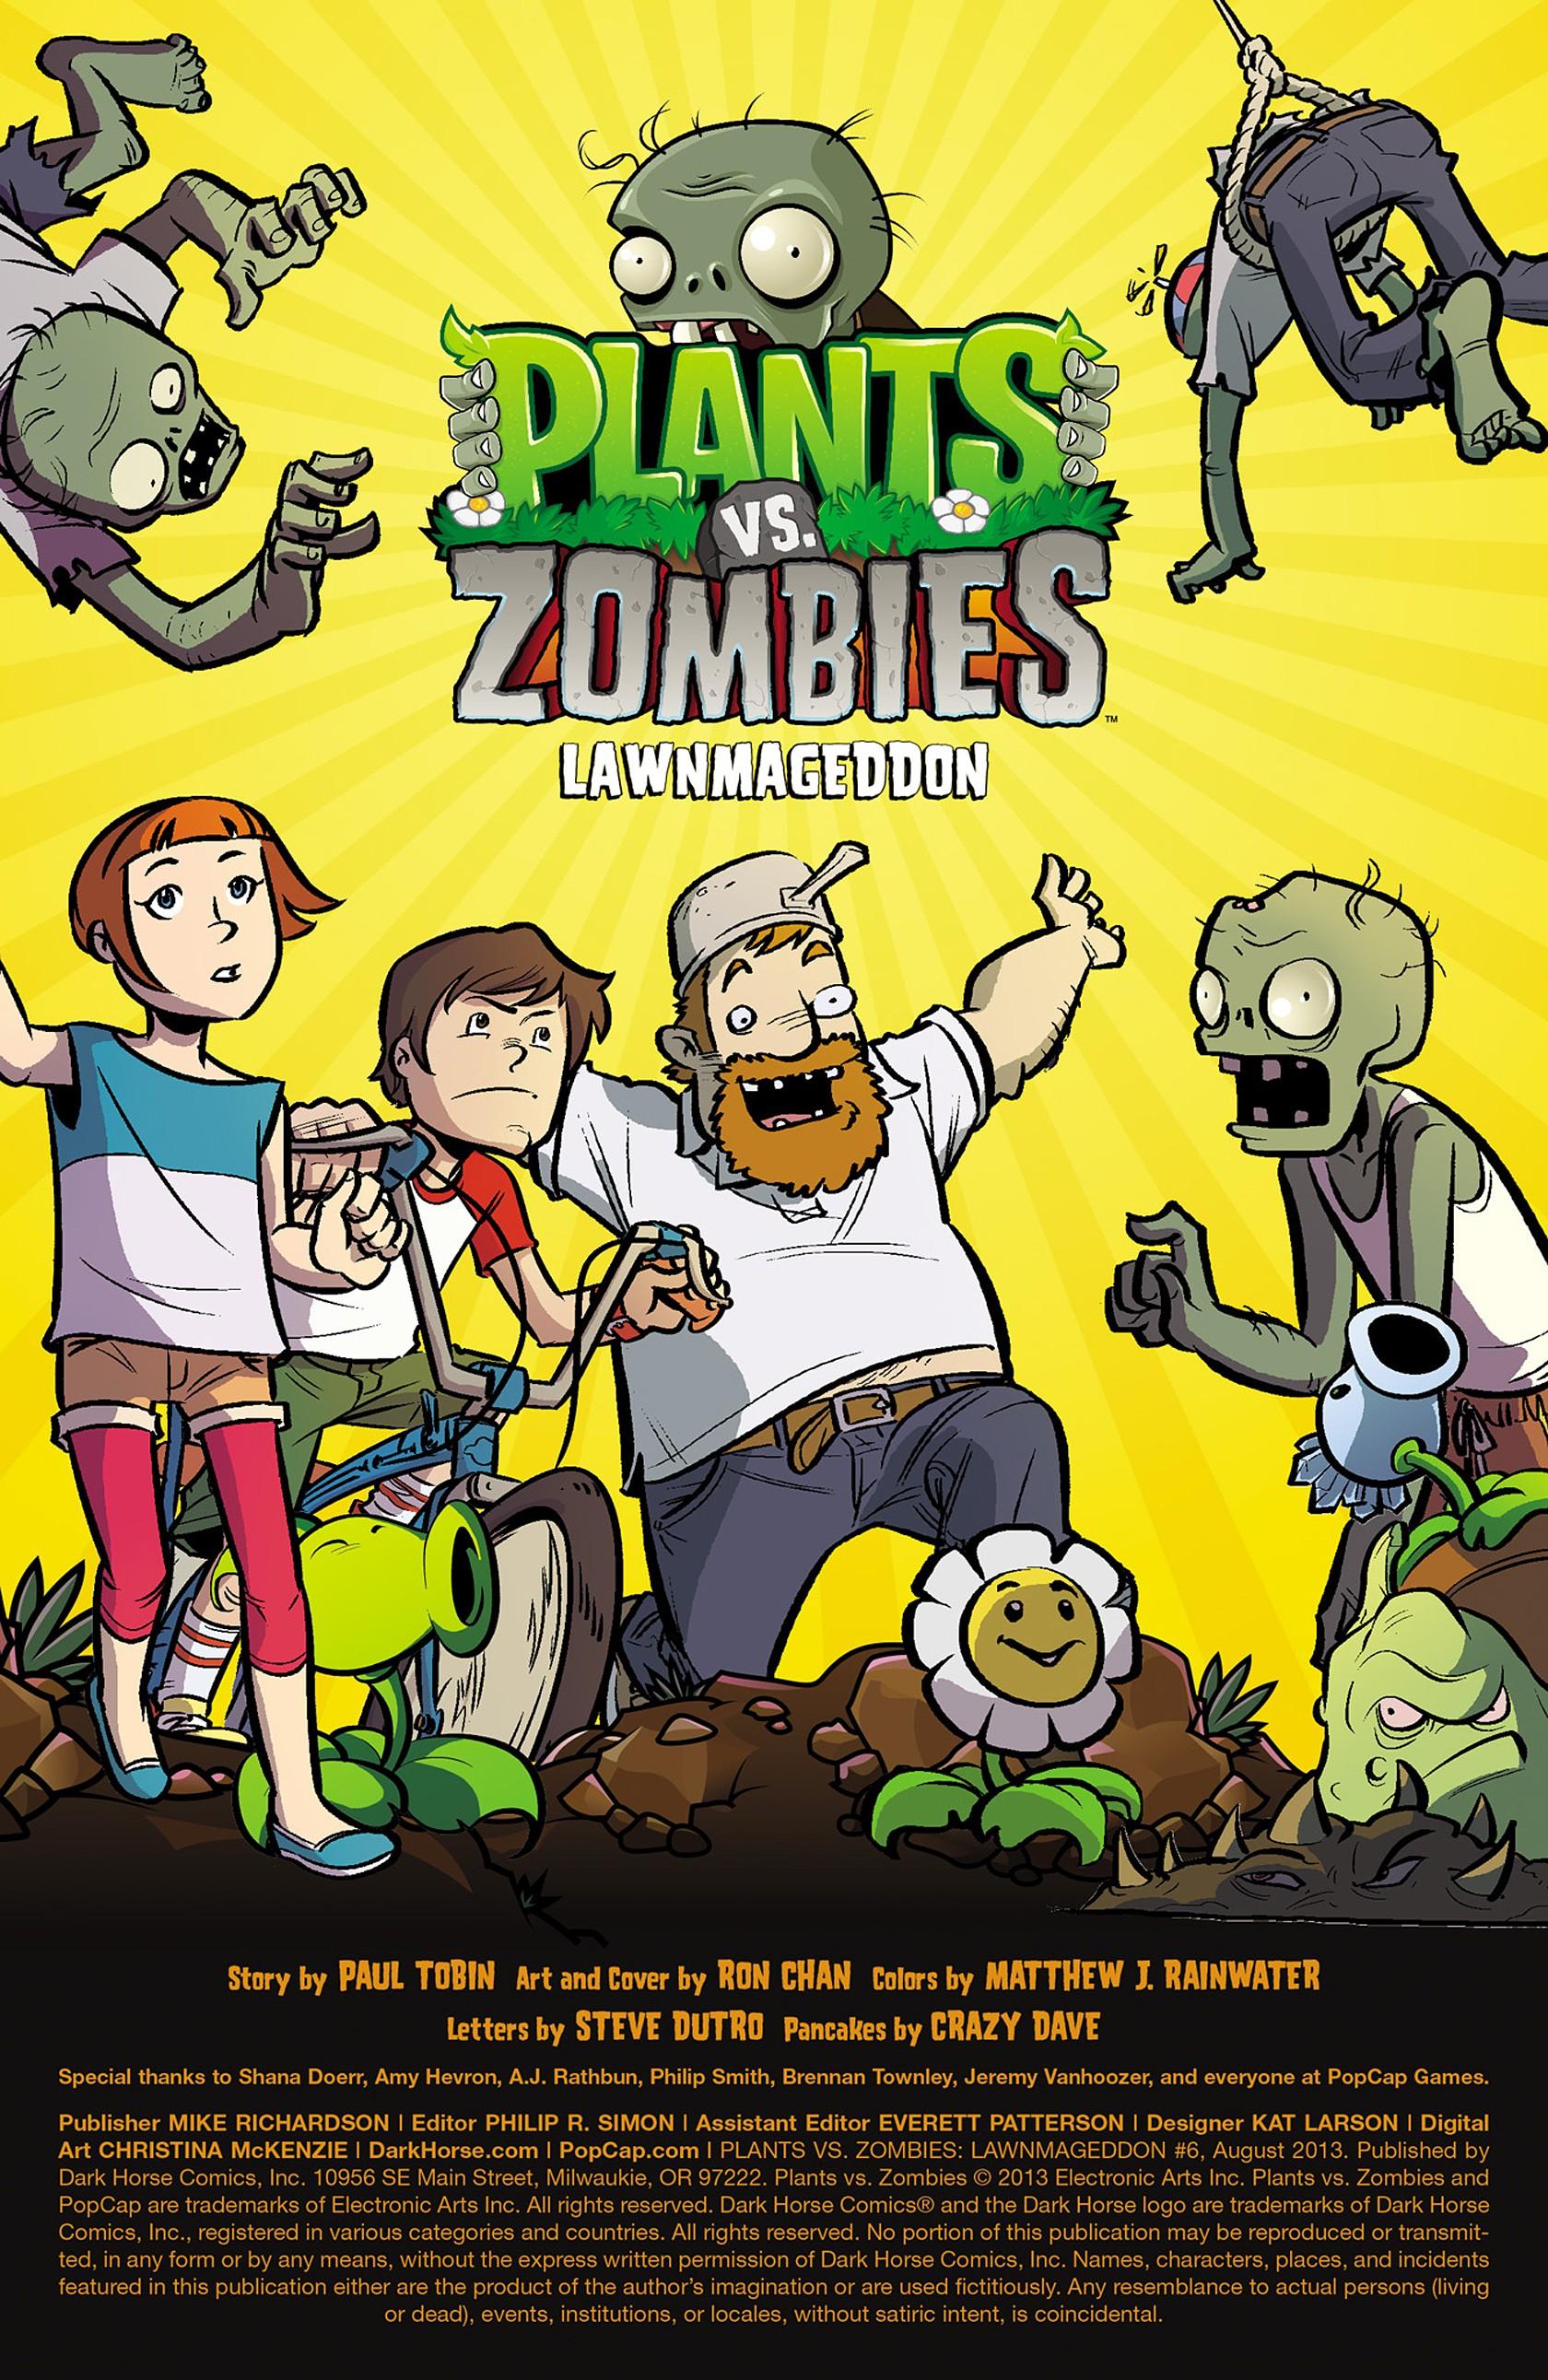 formatfactoryplants_vs_zombies_006-002.jpg